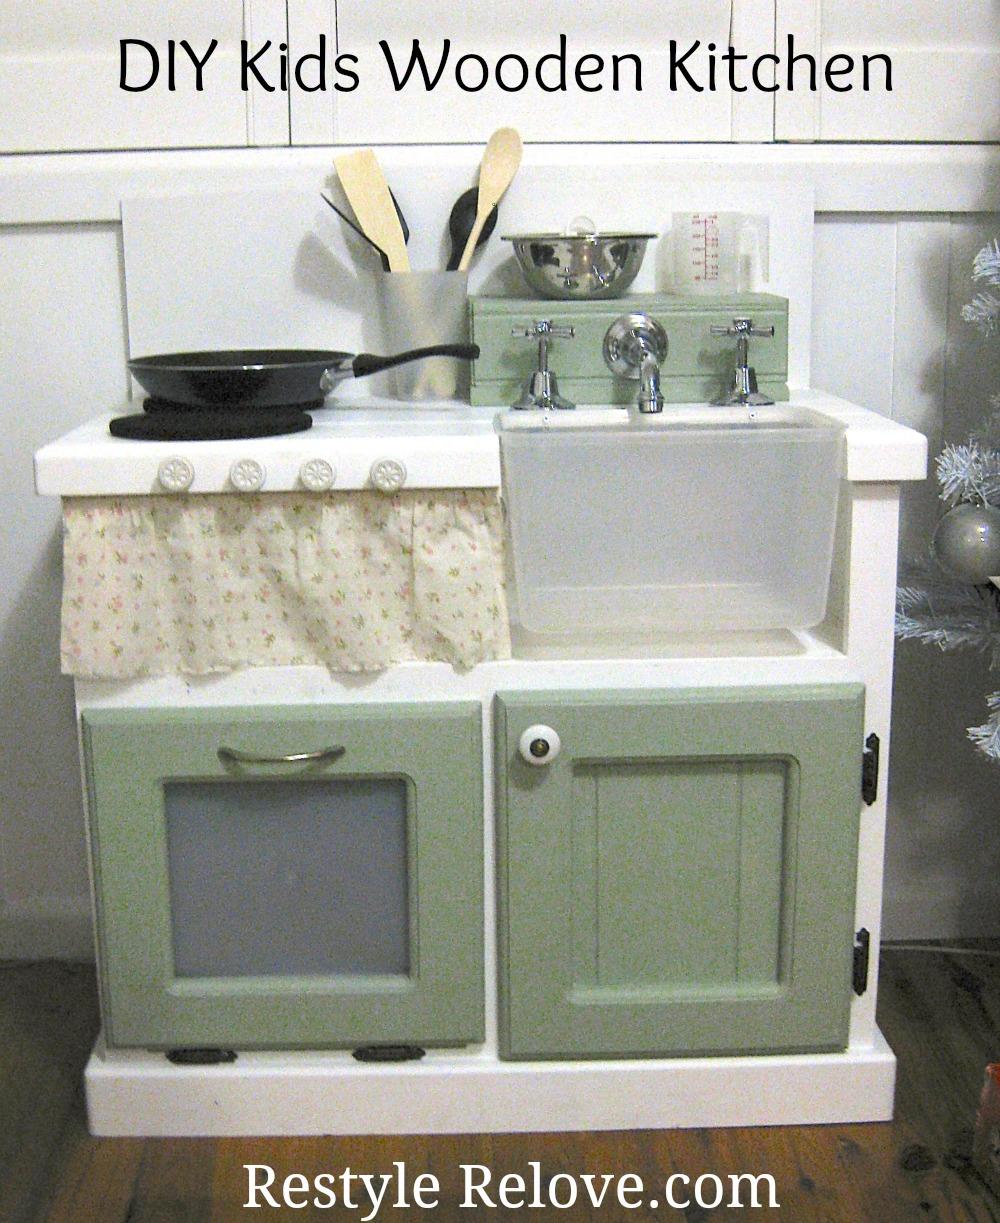 DIY Kids Wooden Kitchen